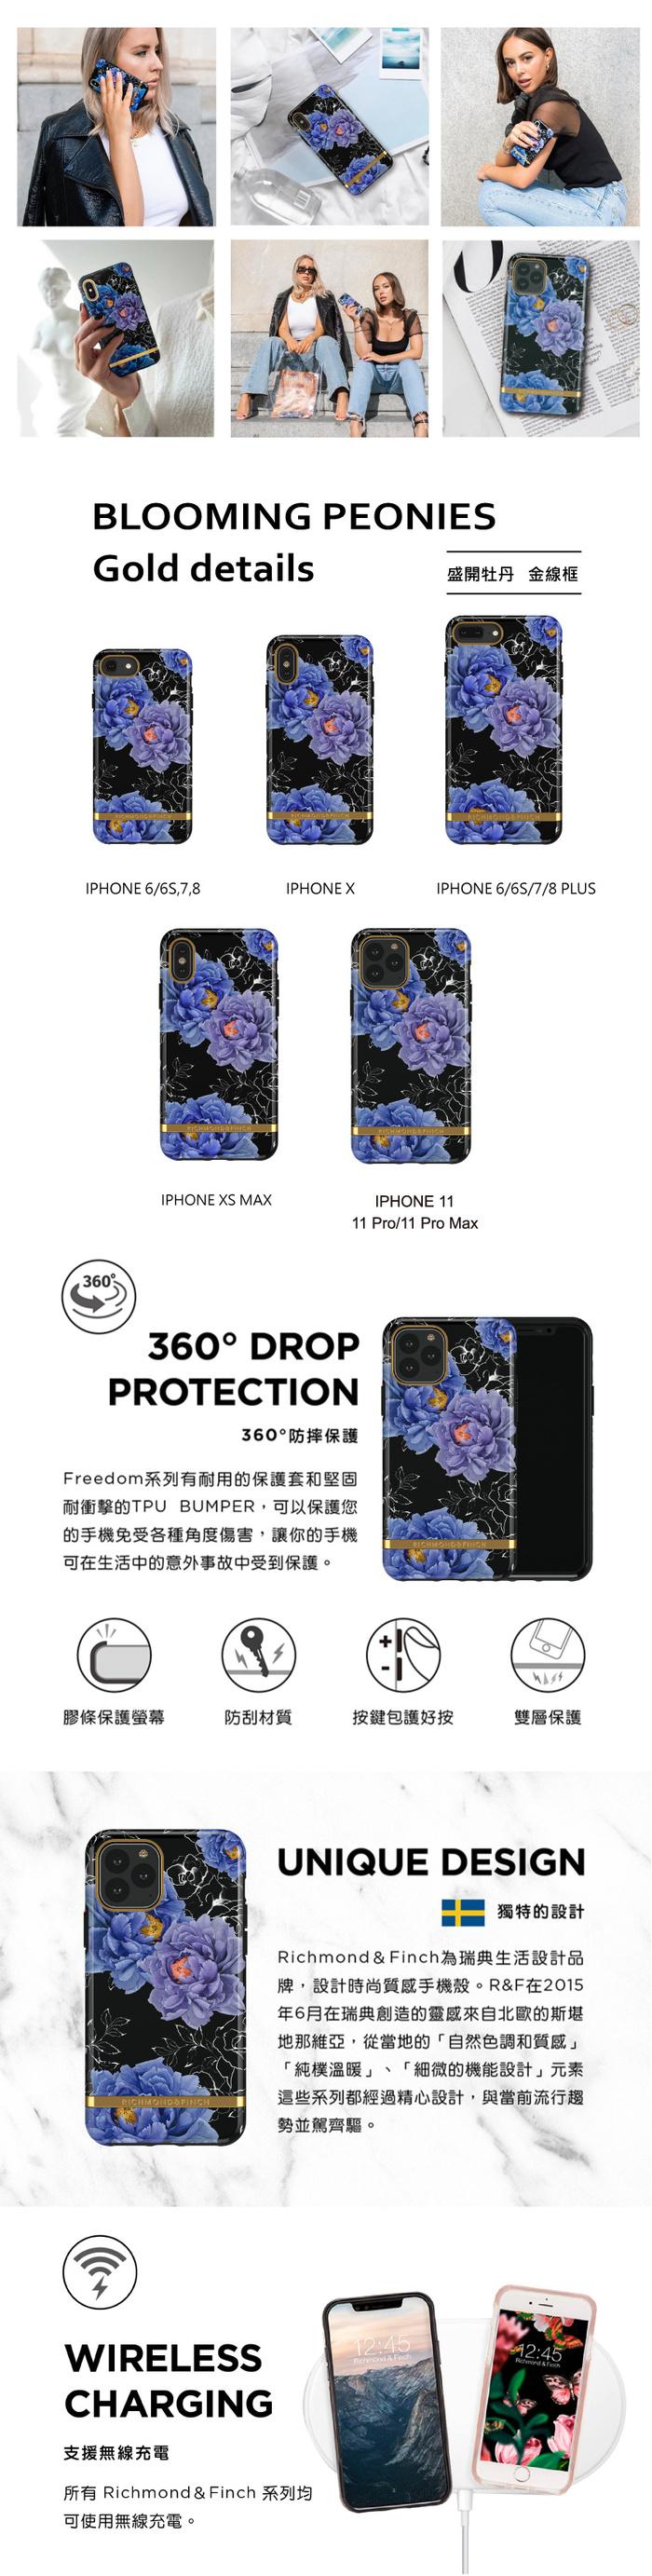 (複製)Richmond & Finch│iPhone 6/7/8(4.7吋)紅色豹紋 金線框手機殼